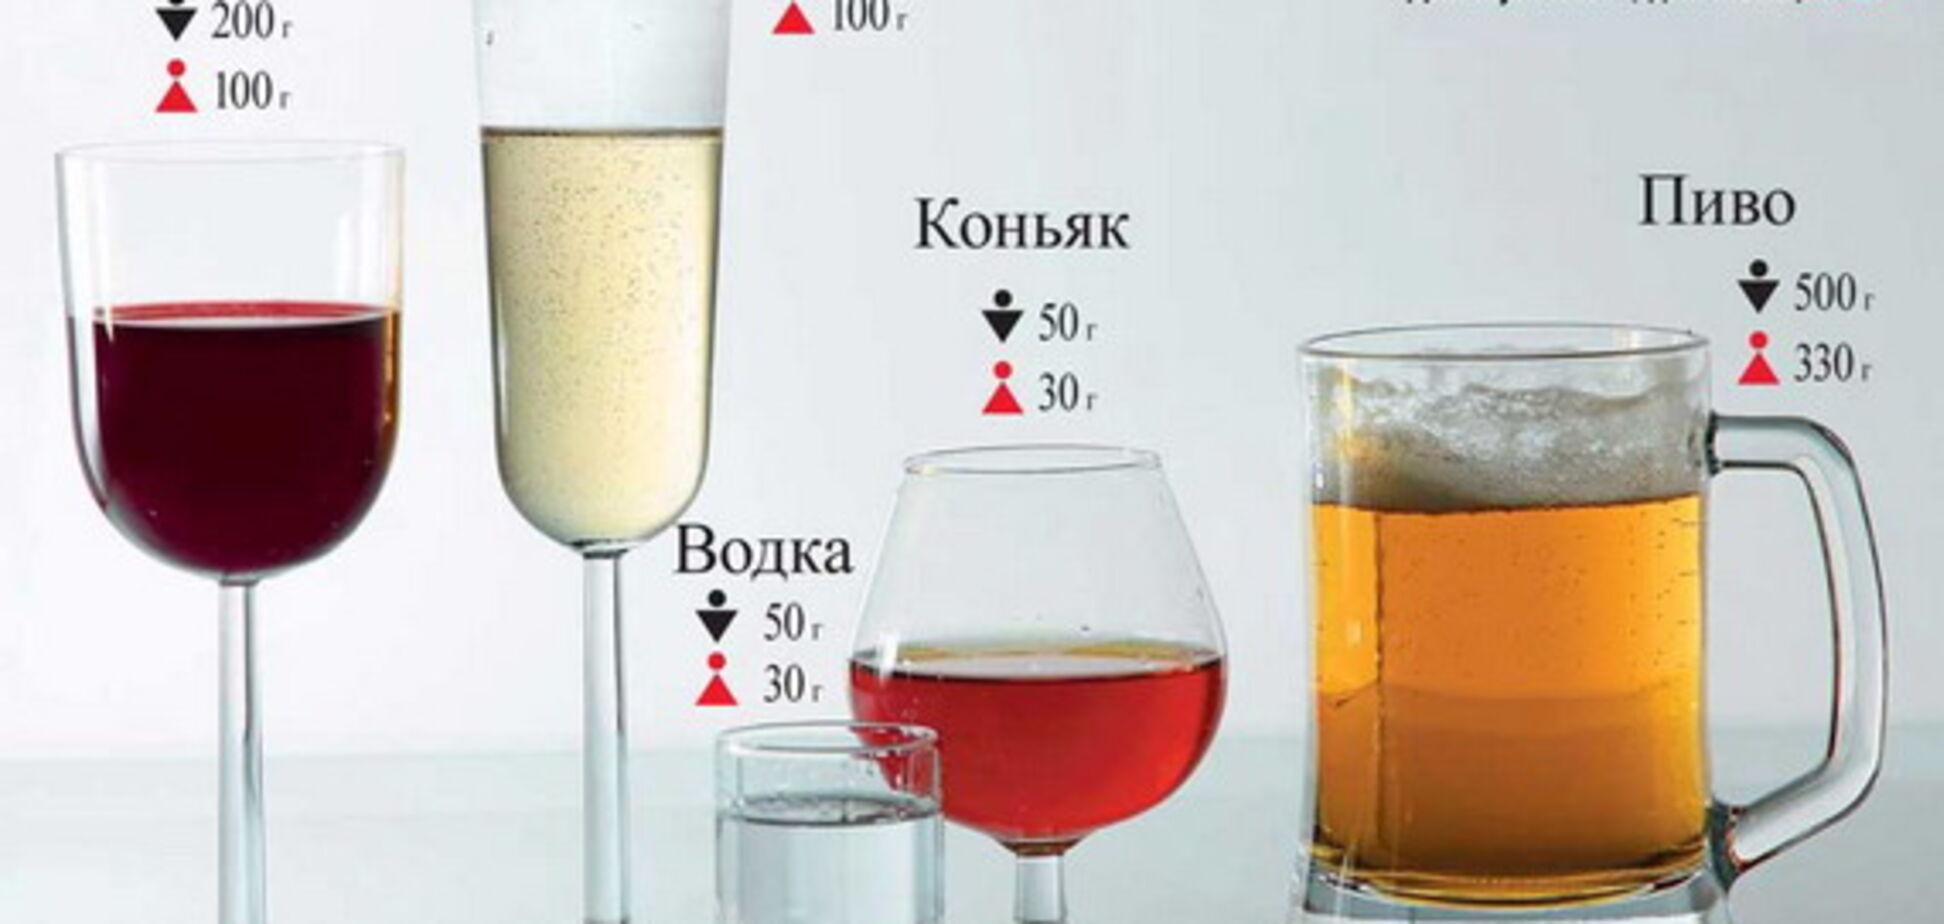 Інструкція як заховати алкоголь в крові від ДАІ